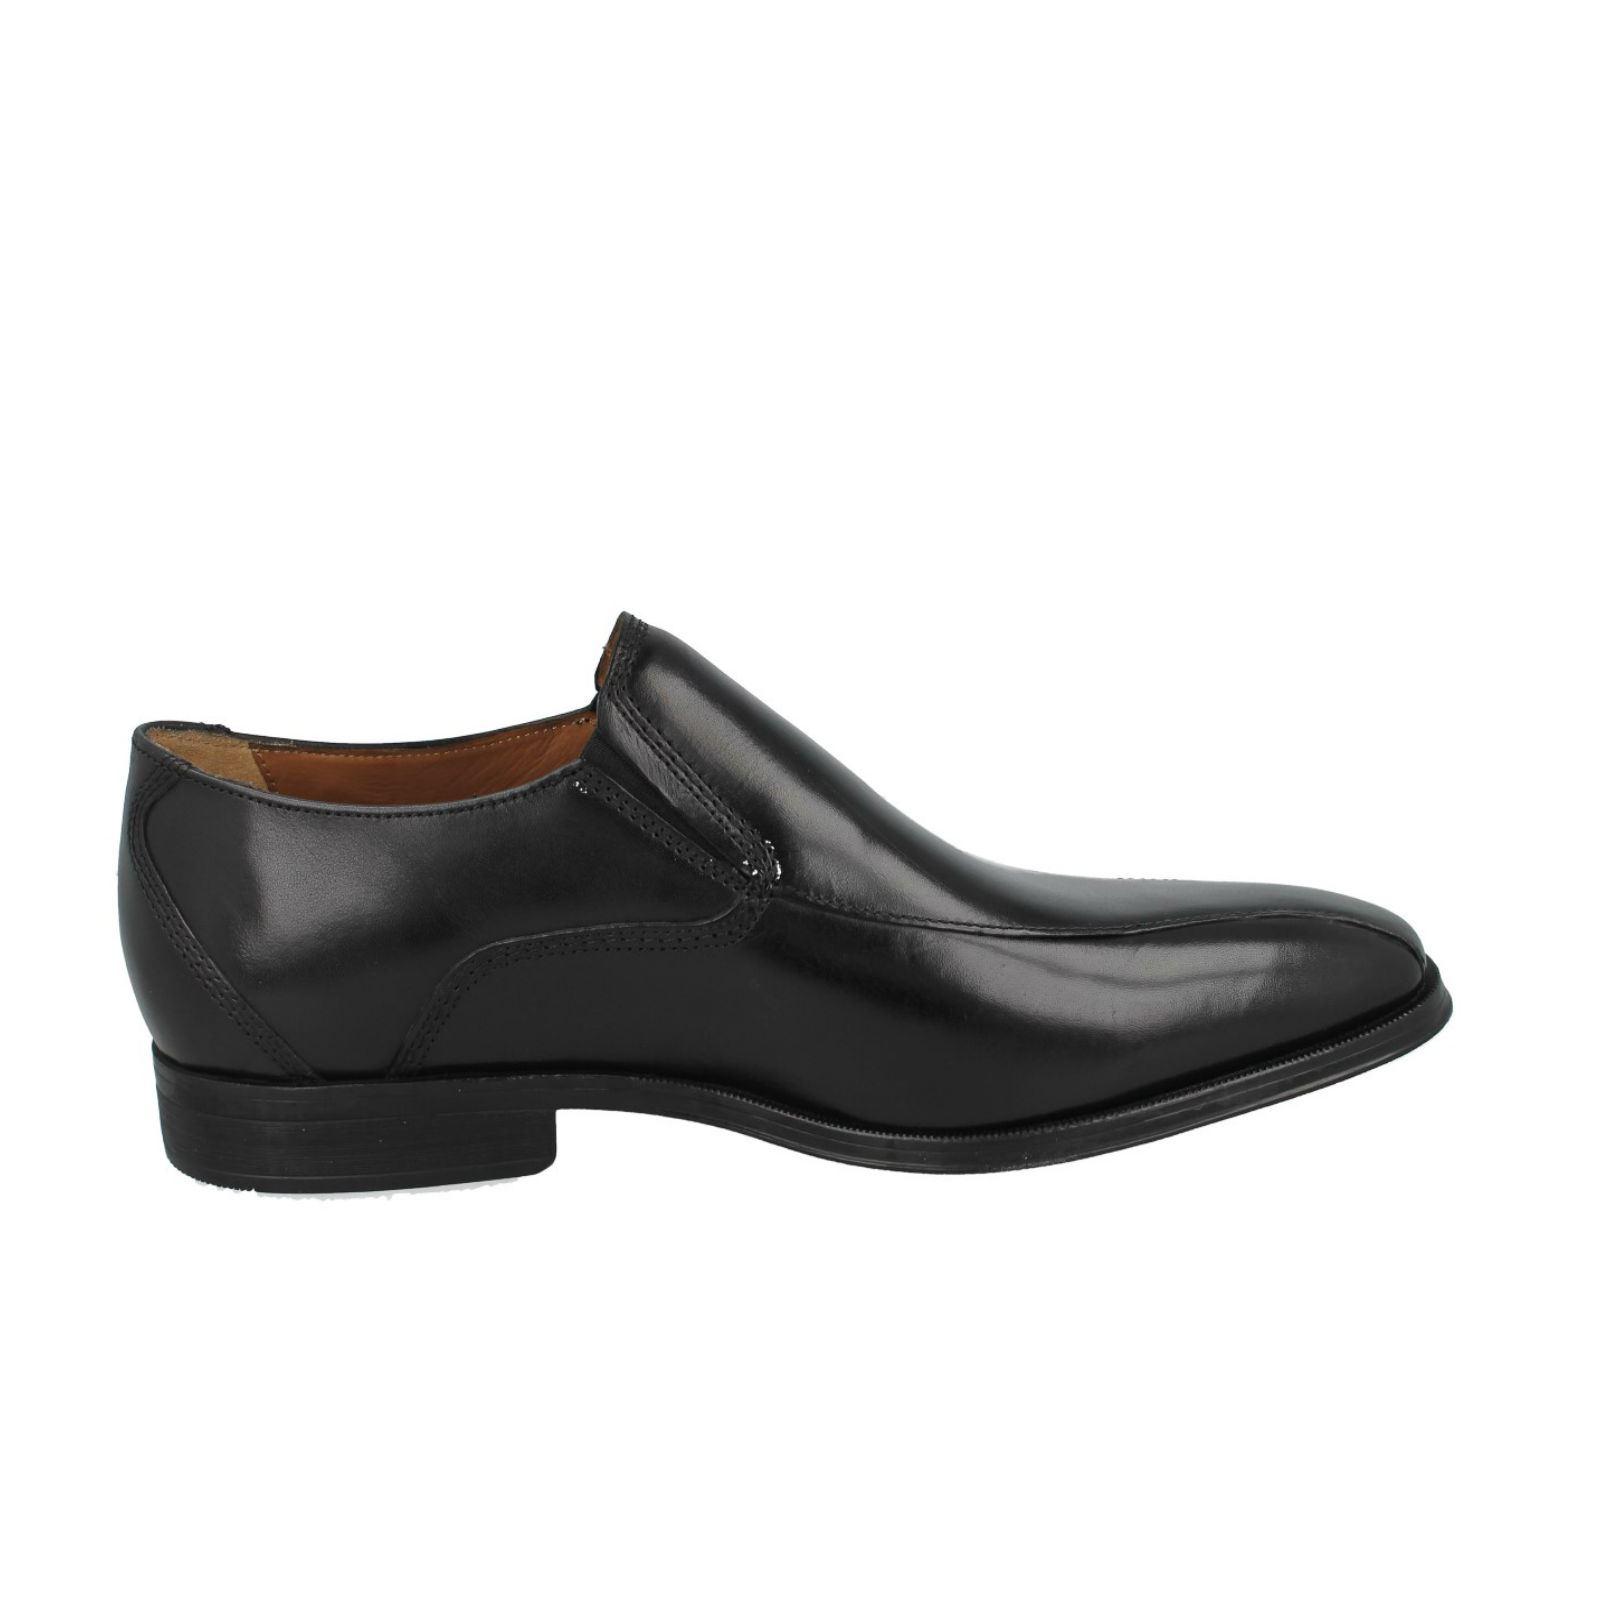 Scarpe da Uomo Clarks Formali Formali Formali Stile-Gilman Slip d95836